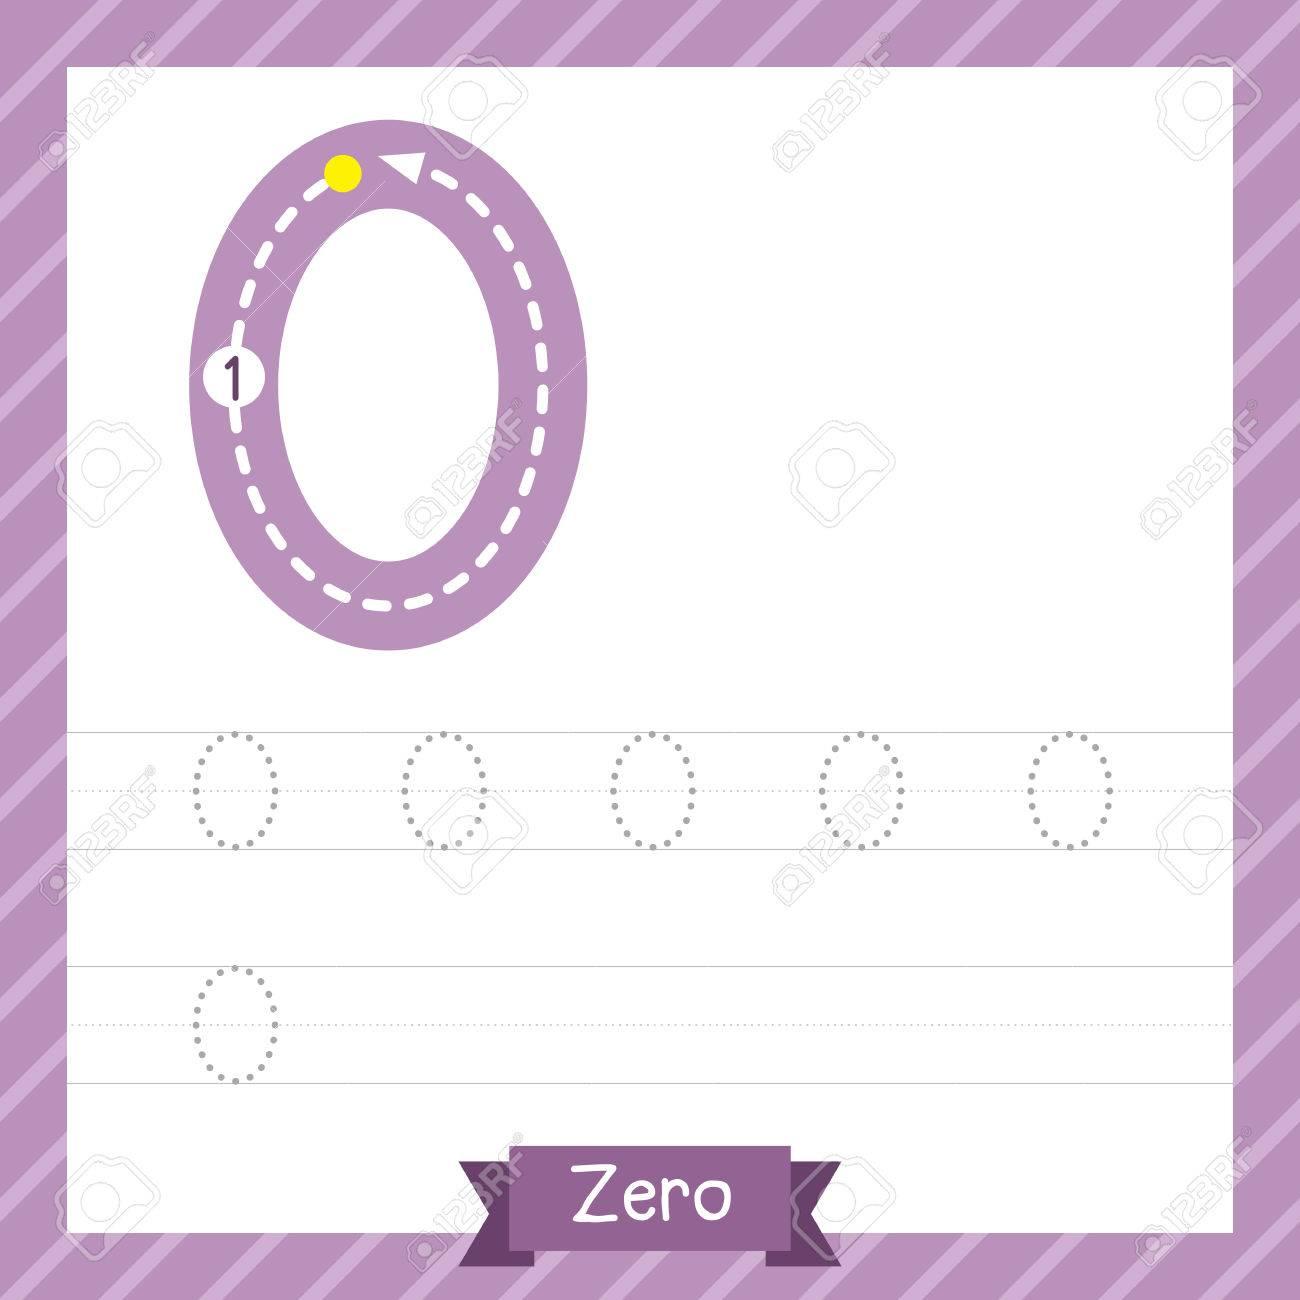 Nummer Zero Tracing Praxis Arbeitsblatt Für Kinder Lernen Zu Zählen ...